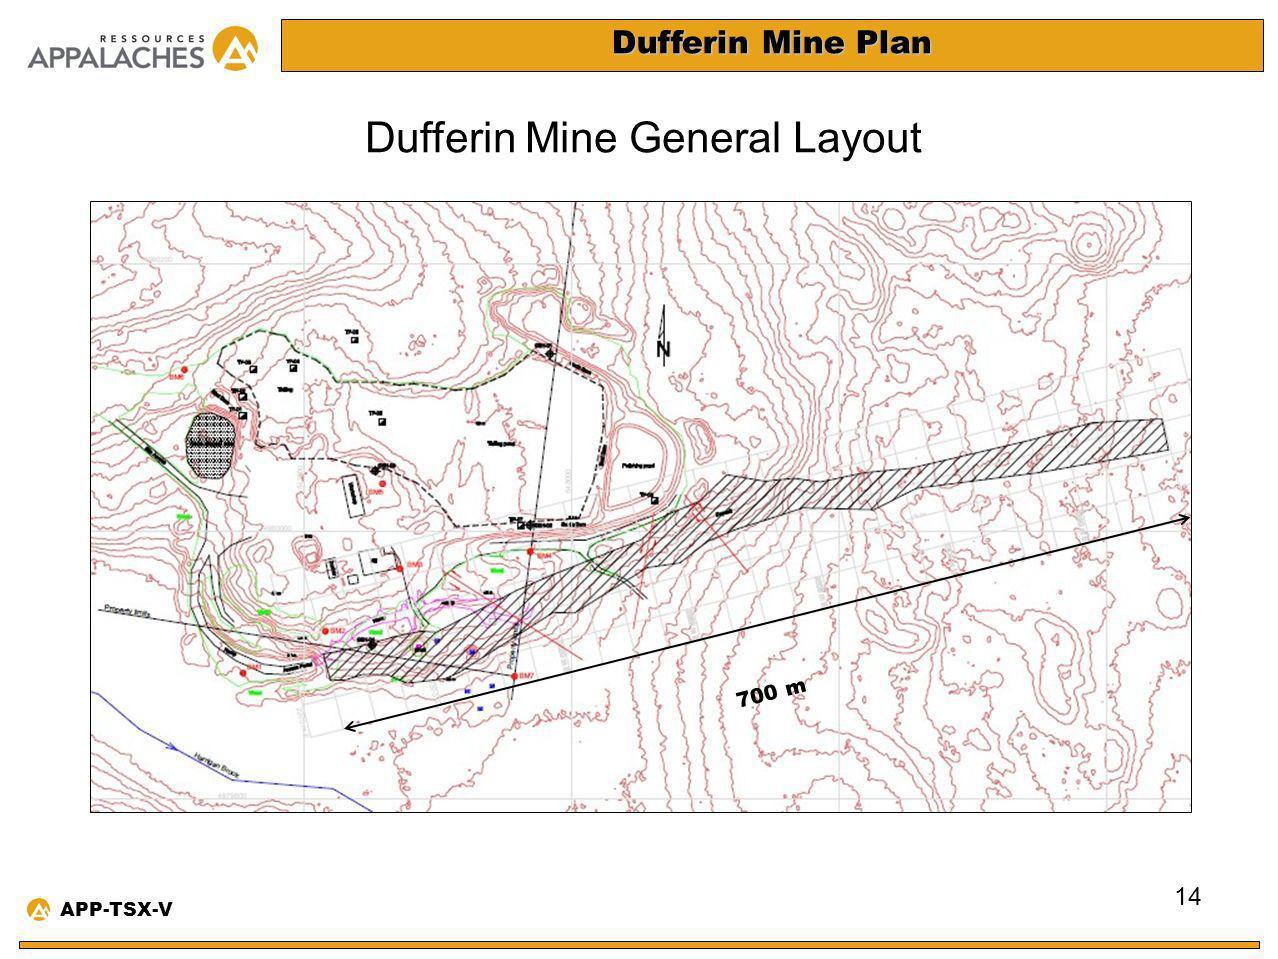 Dufferin Mine Plan Dufferin Mine General Layout 14 APP-TSX-V 700 m